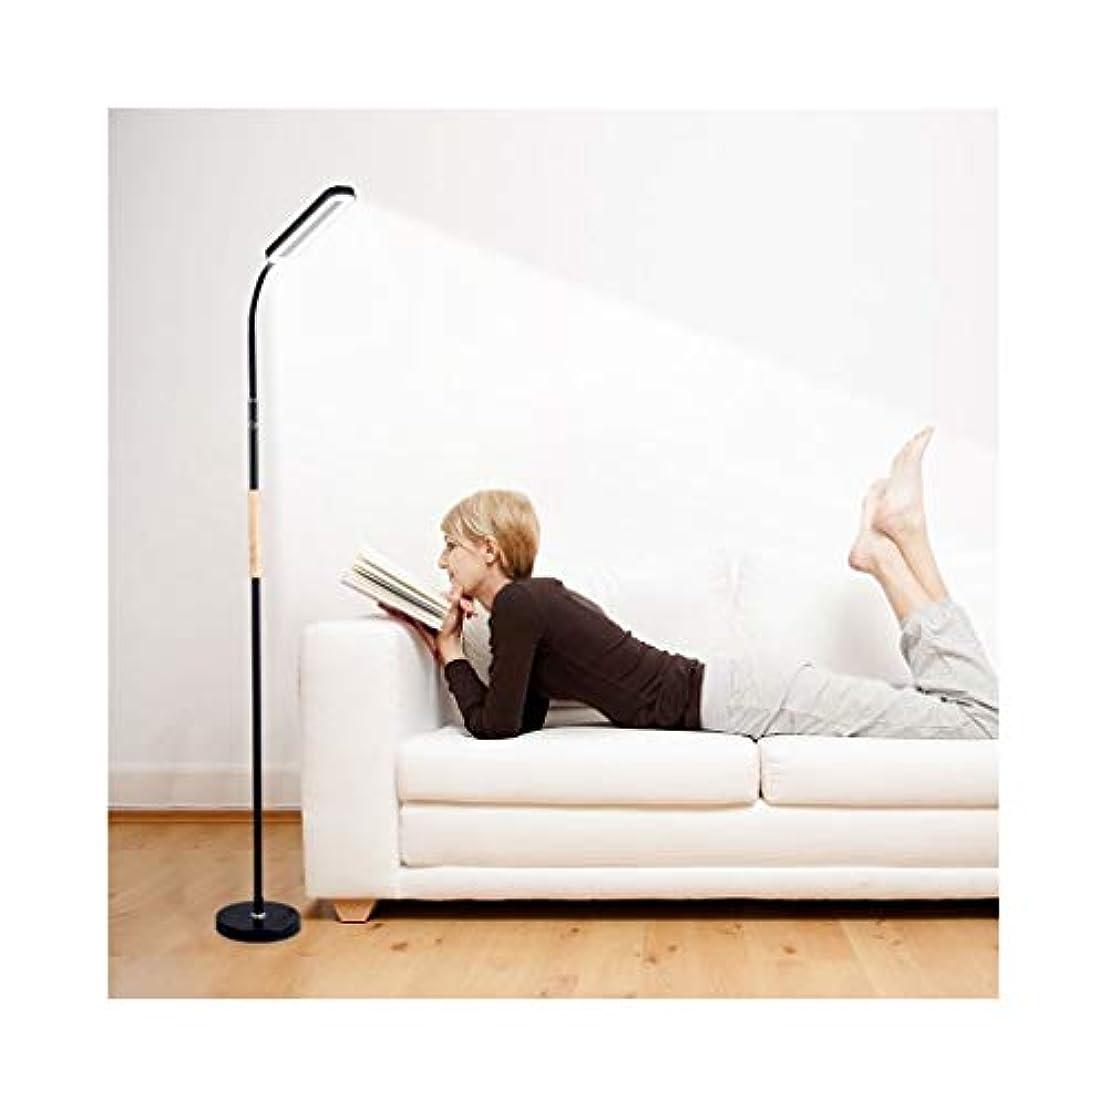 伸ばすイベント歌手北欧のファッションLEDフロアランプ、リビングルームベッドルームベッドサイドスタディオフィス垂直眼の保護ランプに適し W02/06